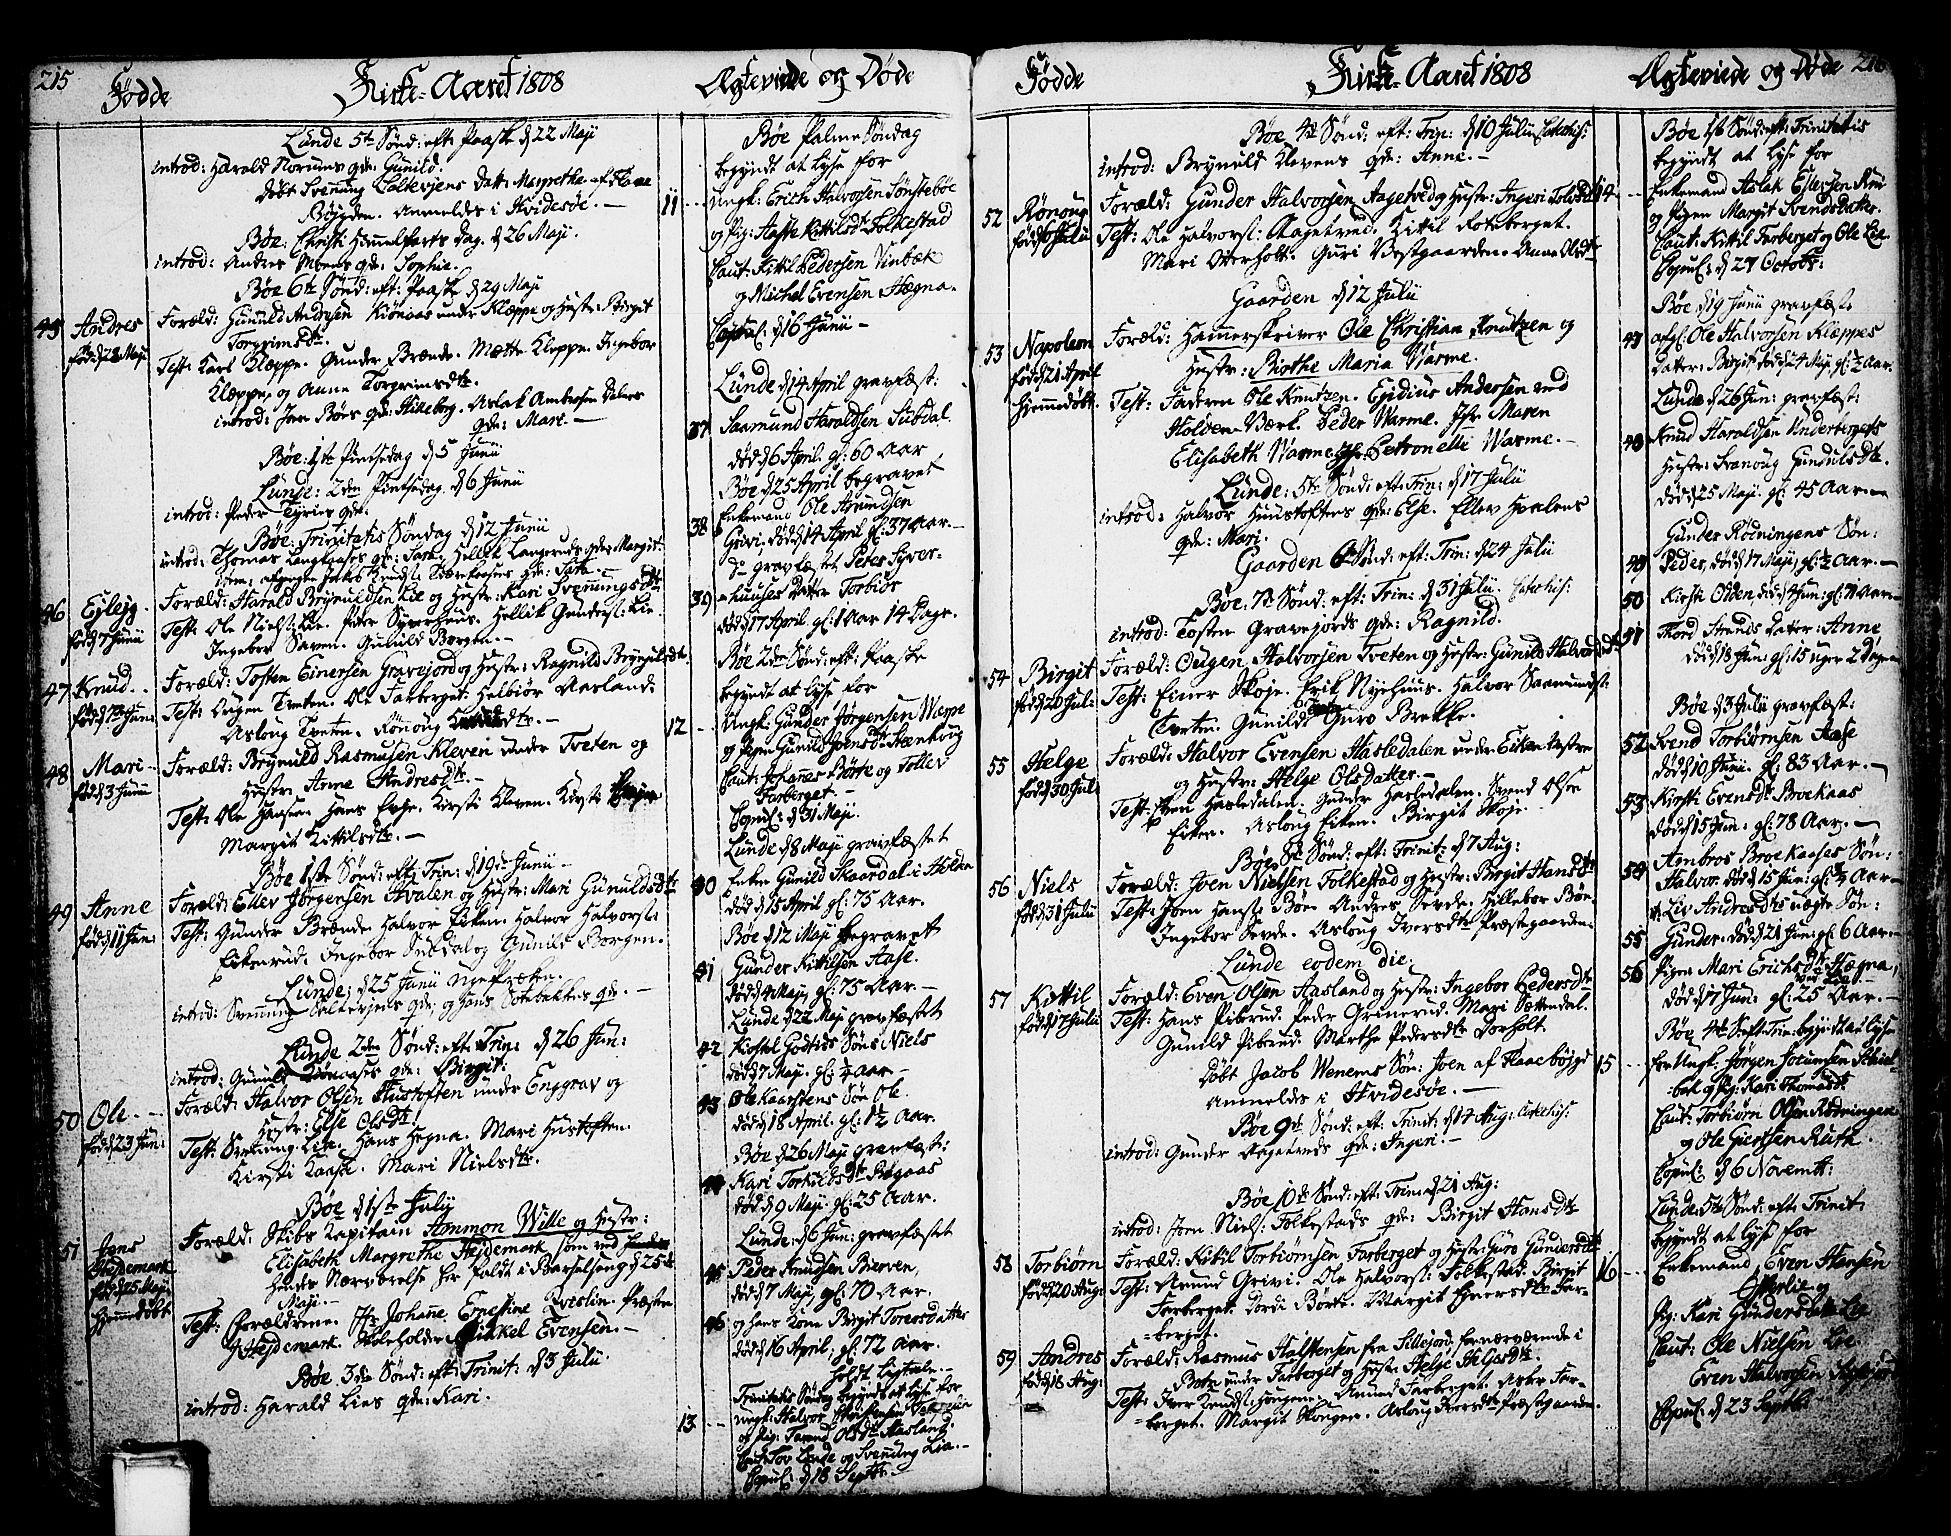 SAKO, Bø kirkebøker, F/Fa/L0005: Ministerialbok nr. 5, 1785-1815, s. 215-216